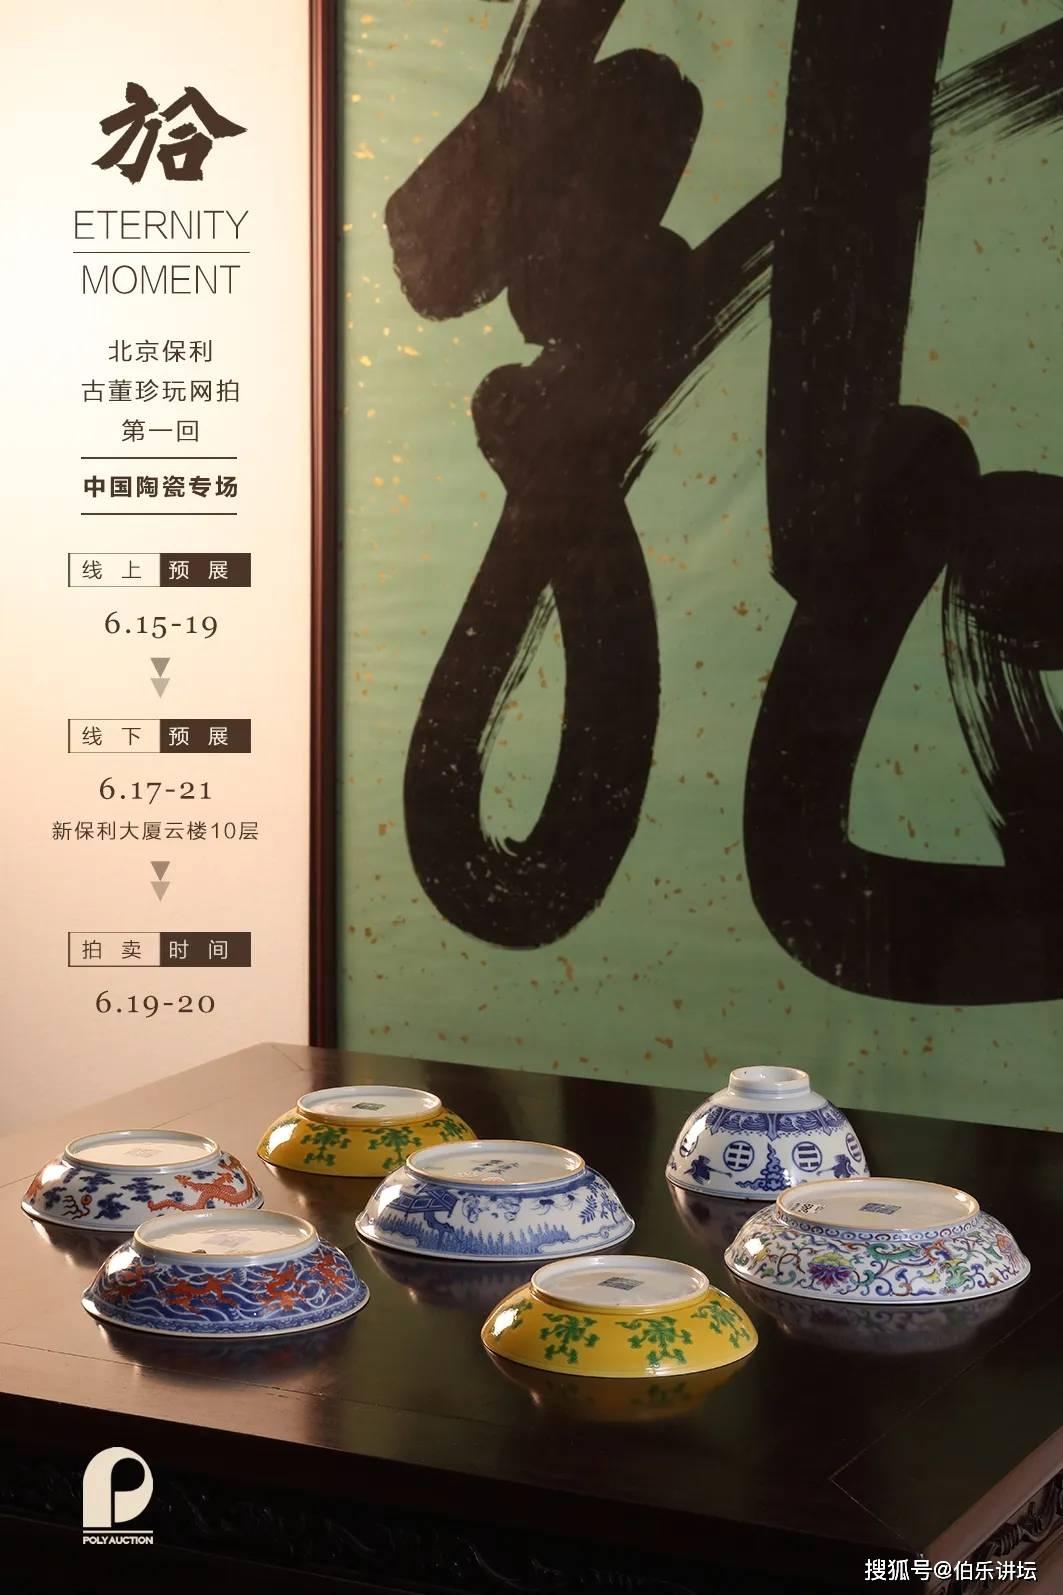 北京保利第一届网上拍卖季:初试 请保重